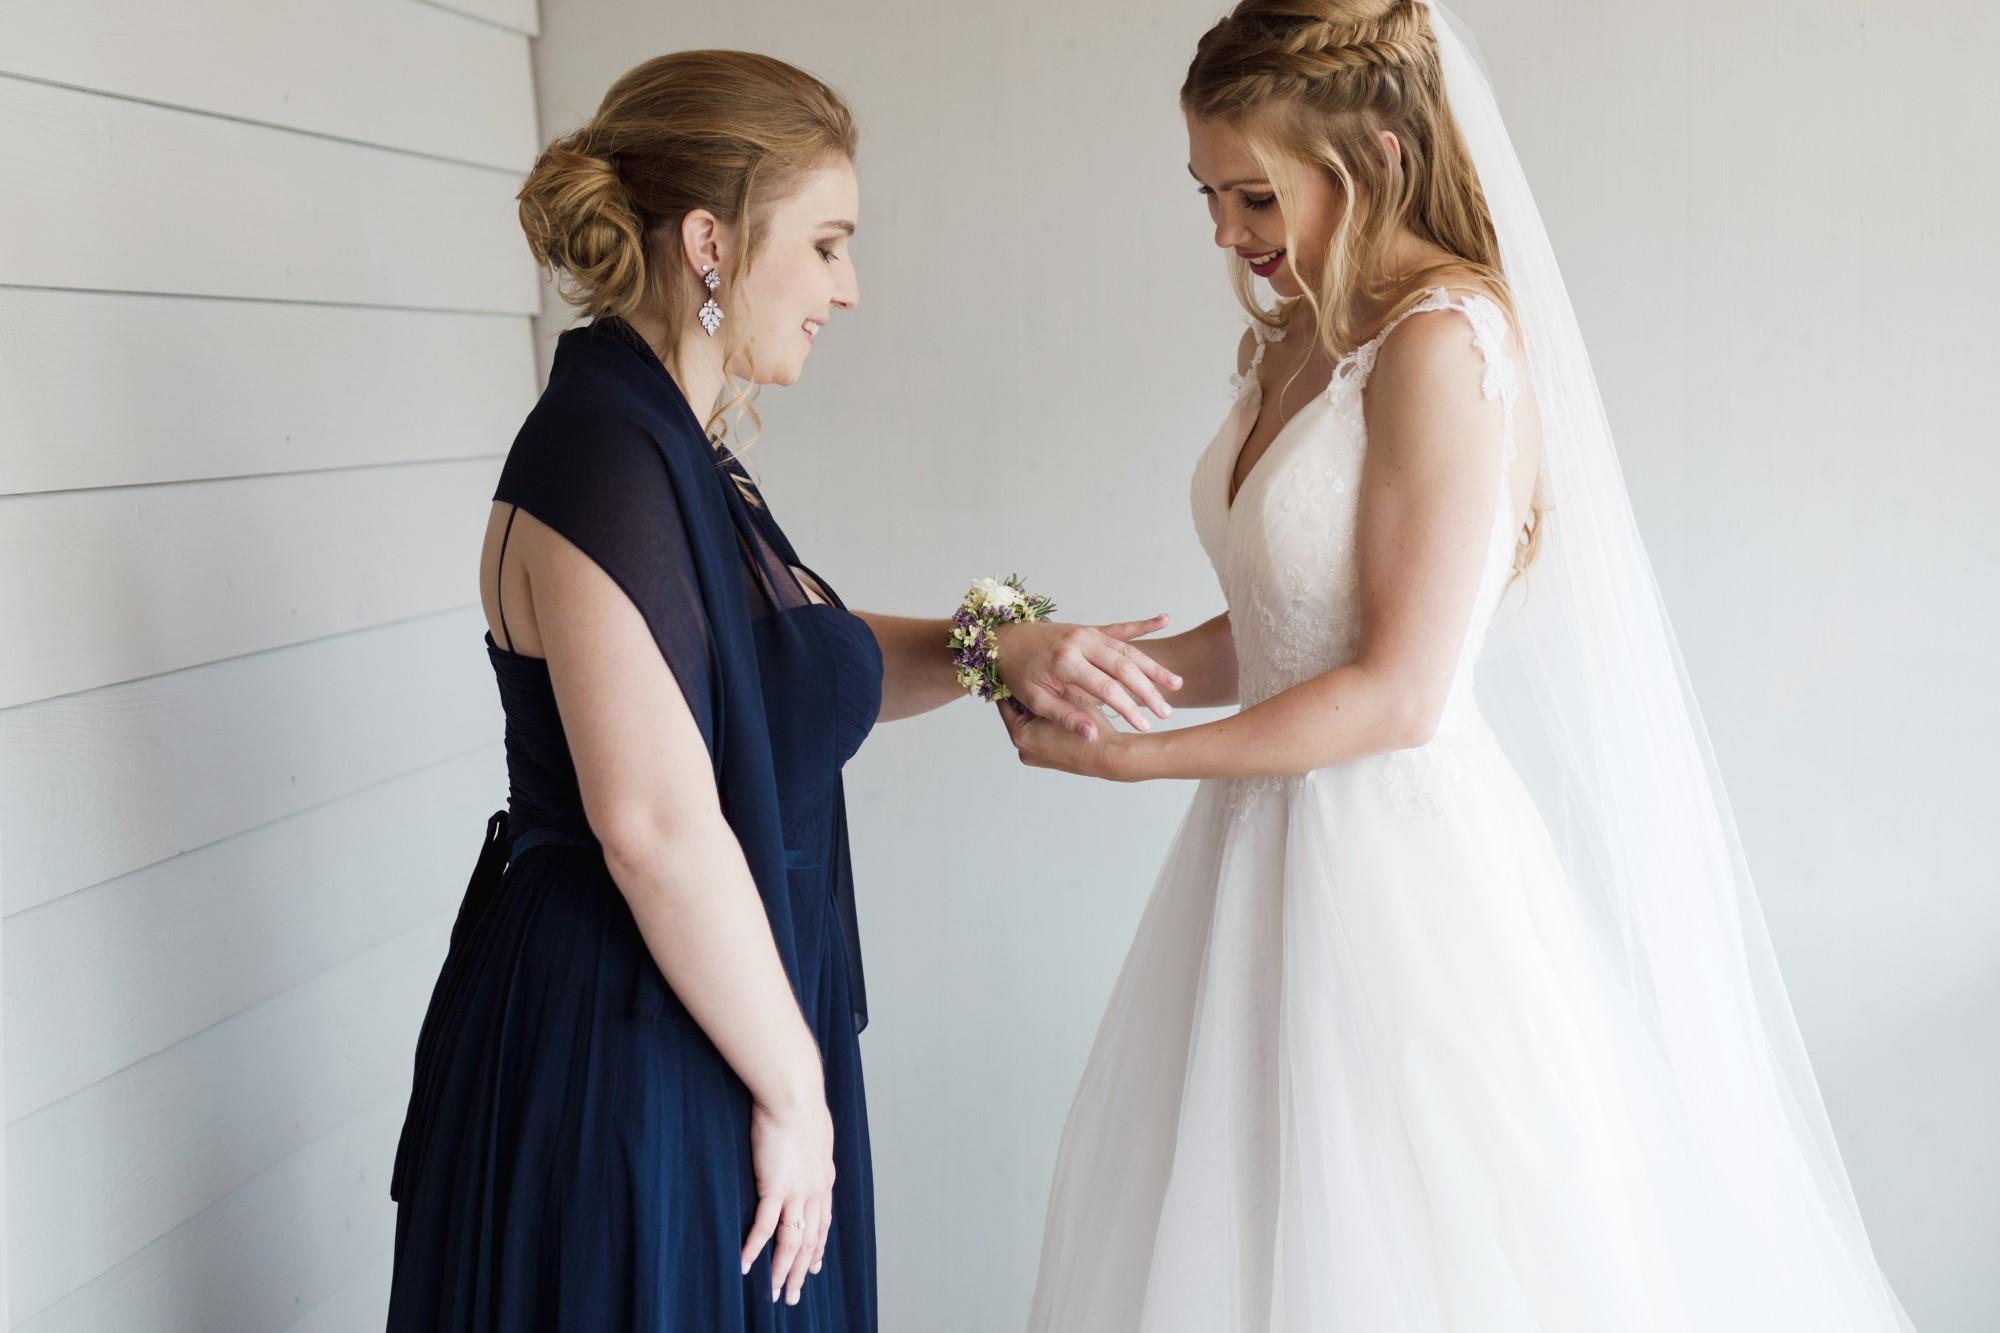 Die Braut zieht ihrer Schwester das Blumenarmband an